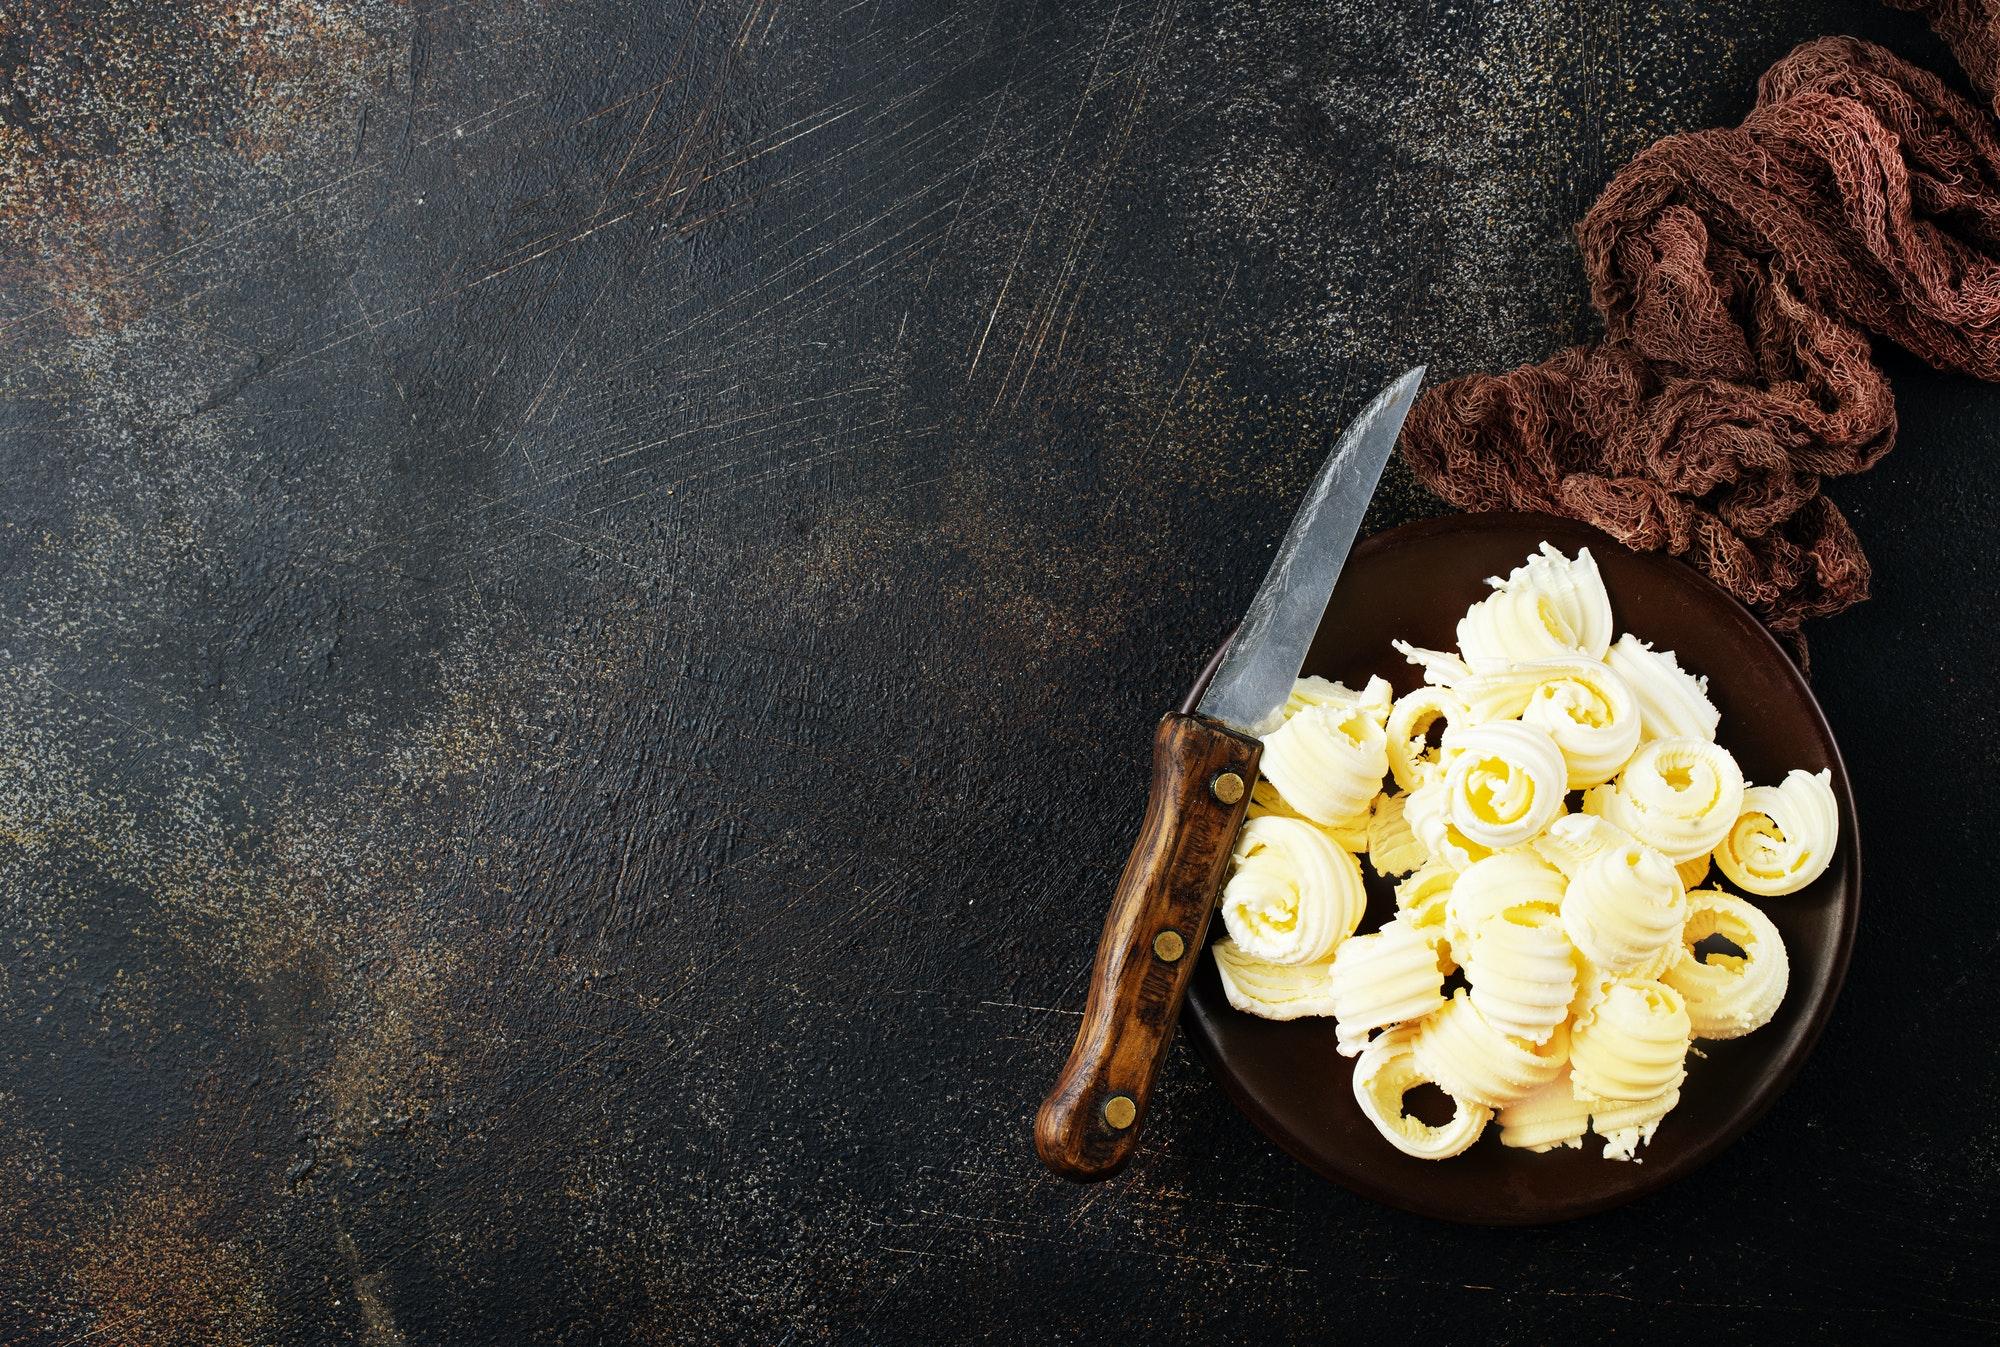 Porque la mantequilla francesa esta tan deliciosa